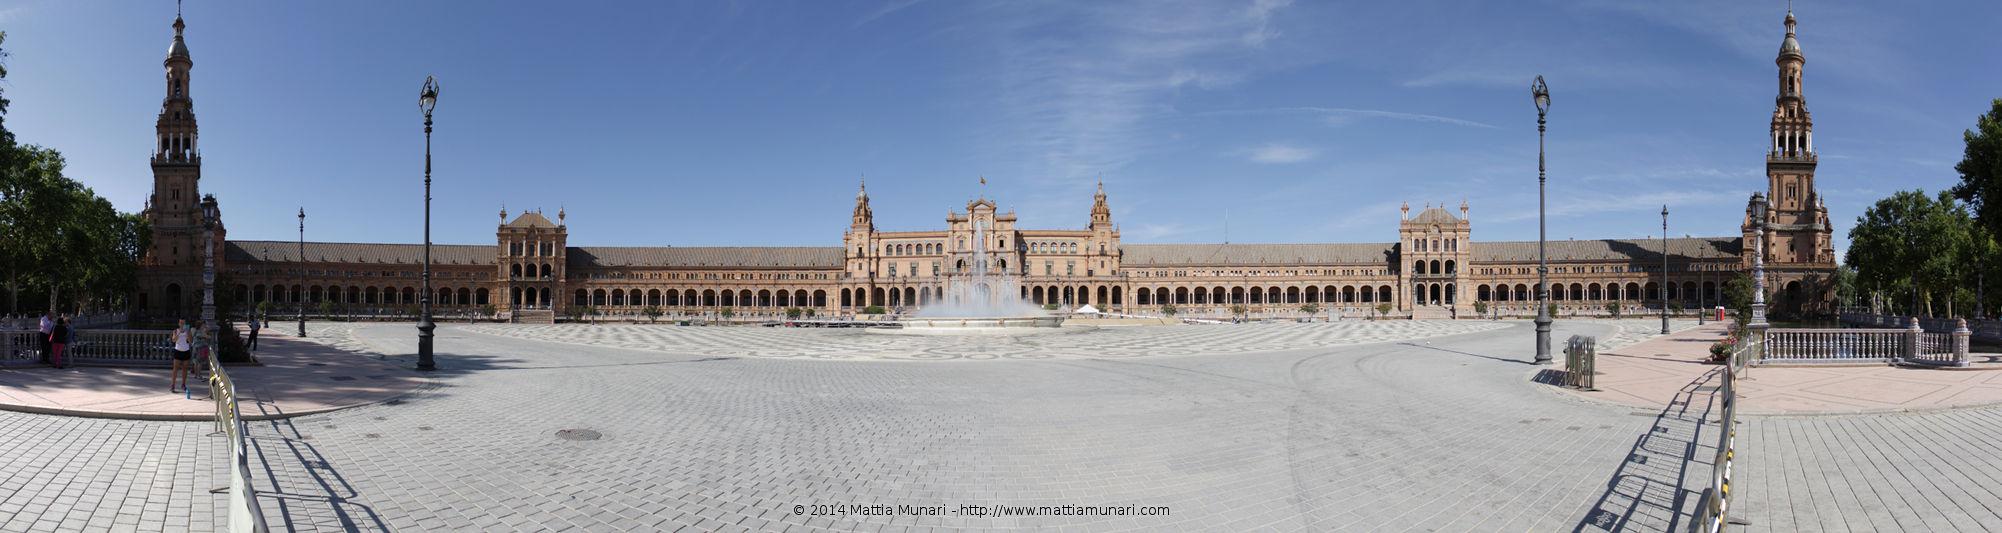 Plaza de España Siviglia